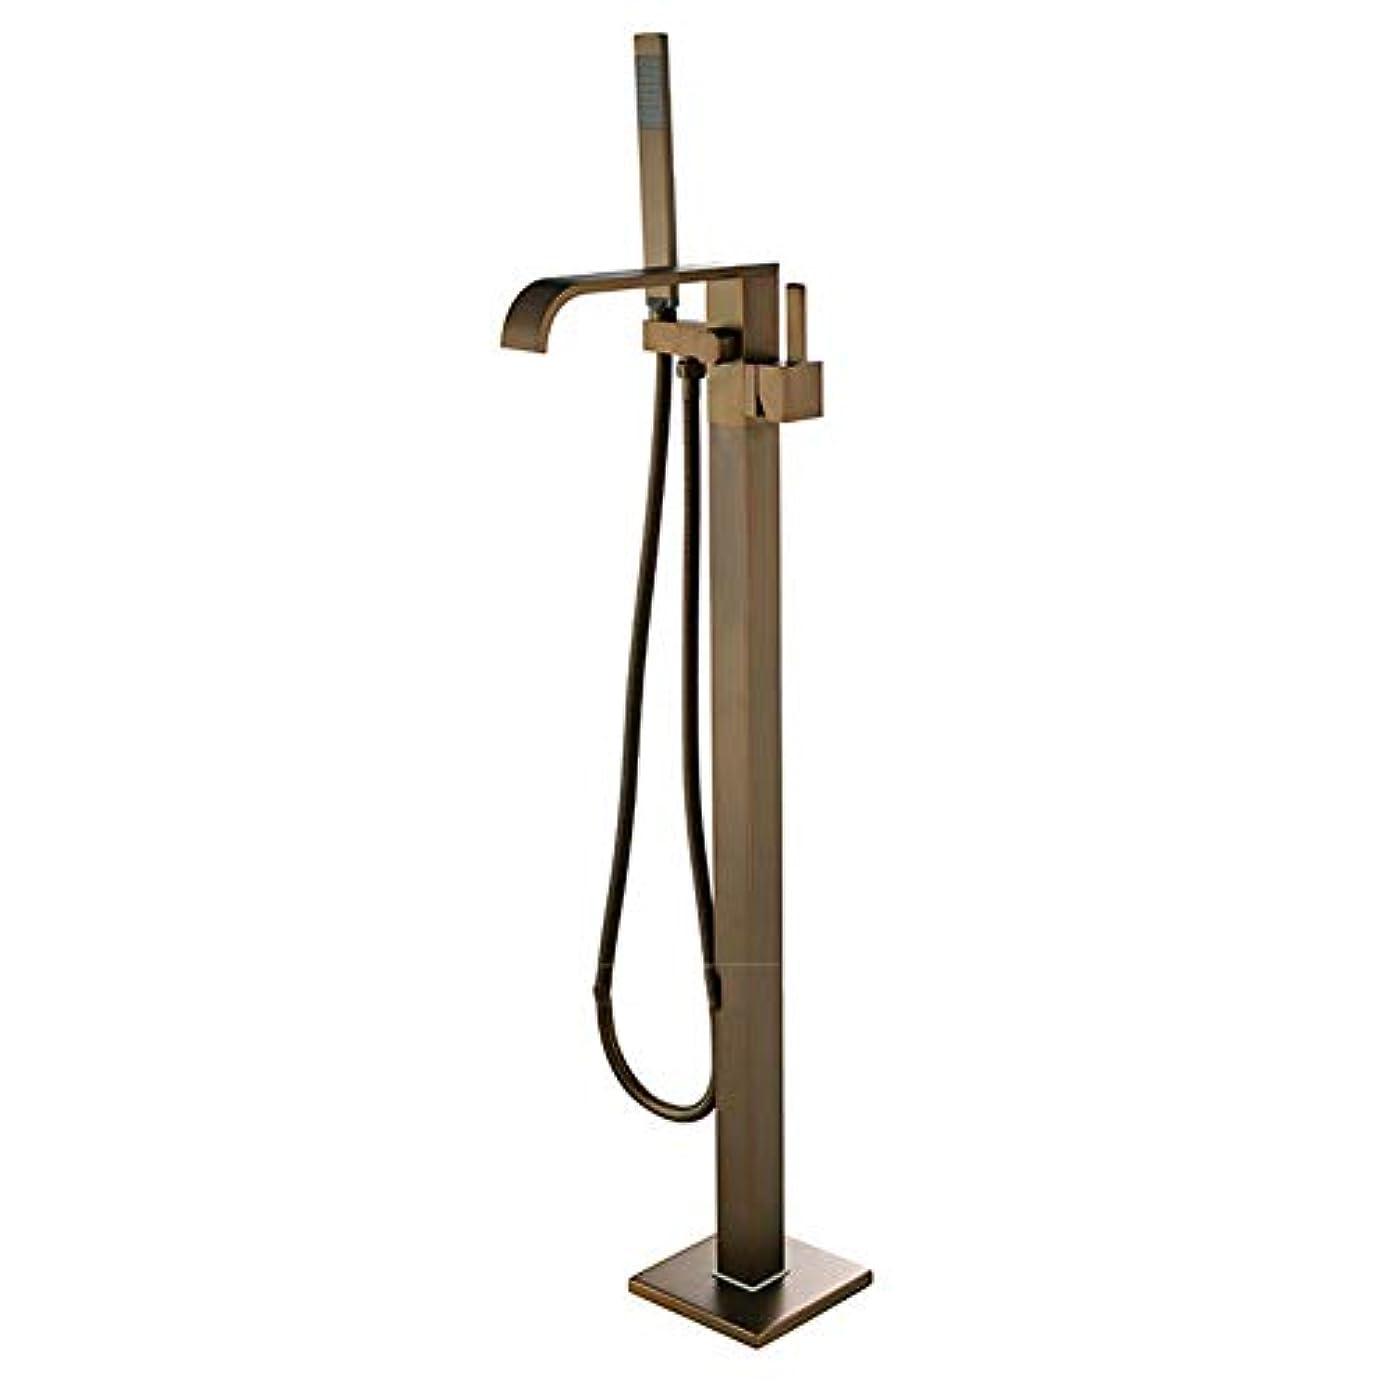 歴史的お母さん人柄フロアスタンドバスタブ蛇口、浴室タップブラスシャワーダイバータフロア立っているバスタブミキサー蛇口フロアマウント立てバスタブ蛇口のための金ローズ